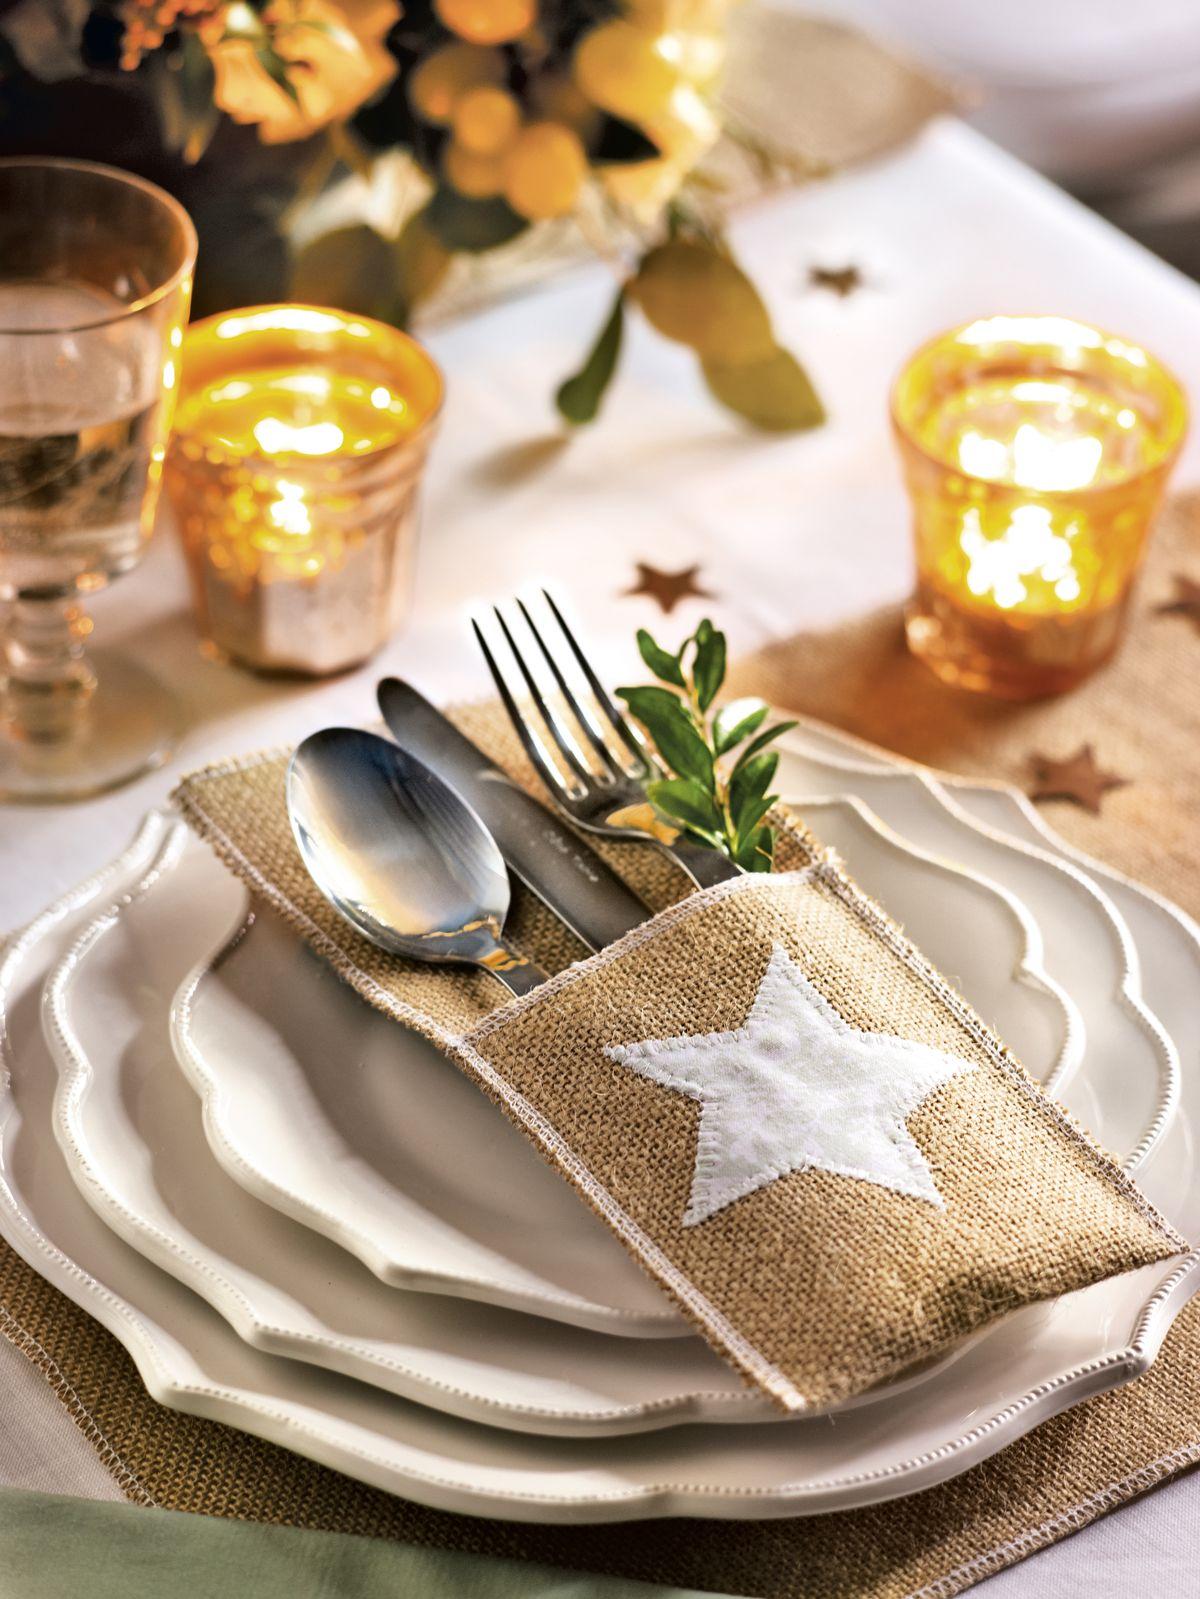 Servicio de mesa de navidad con una funda en tela de saco - Decoracion de mesa navidena ...